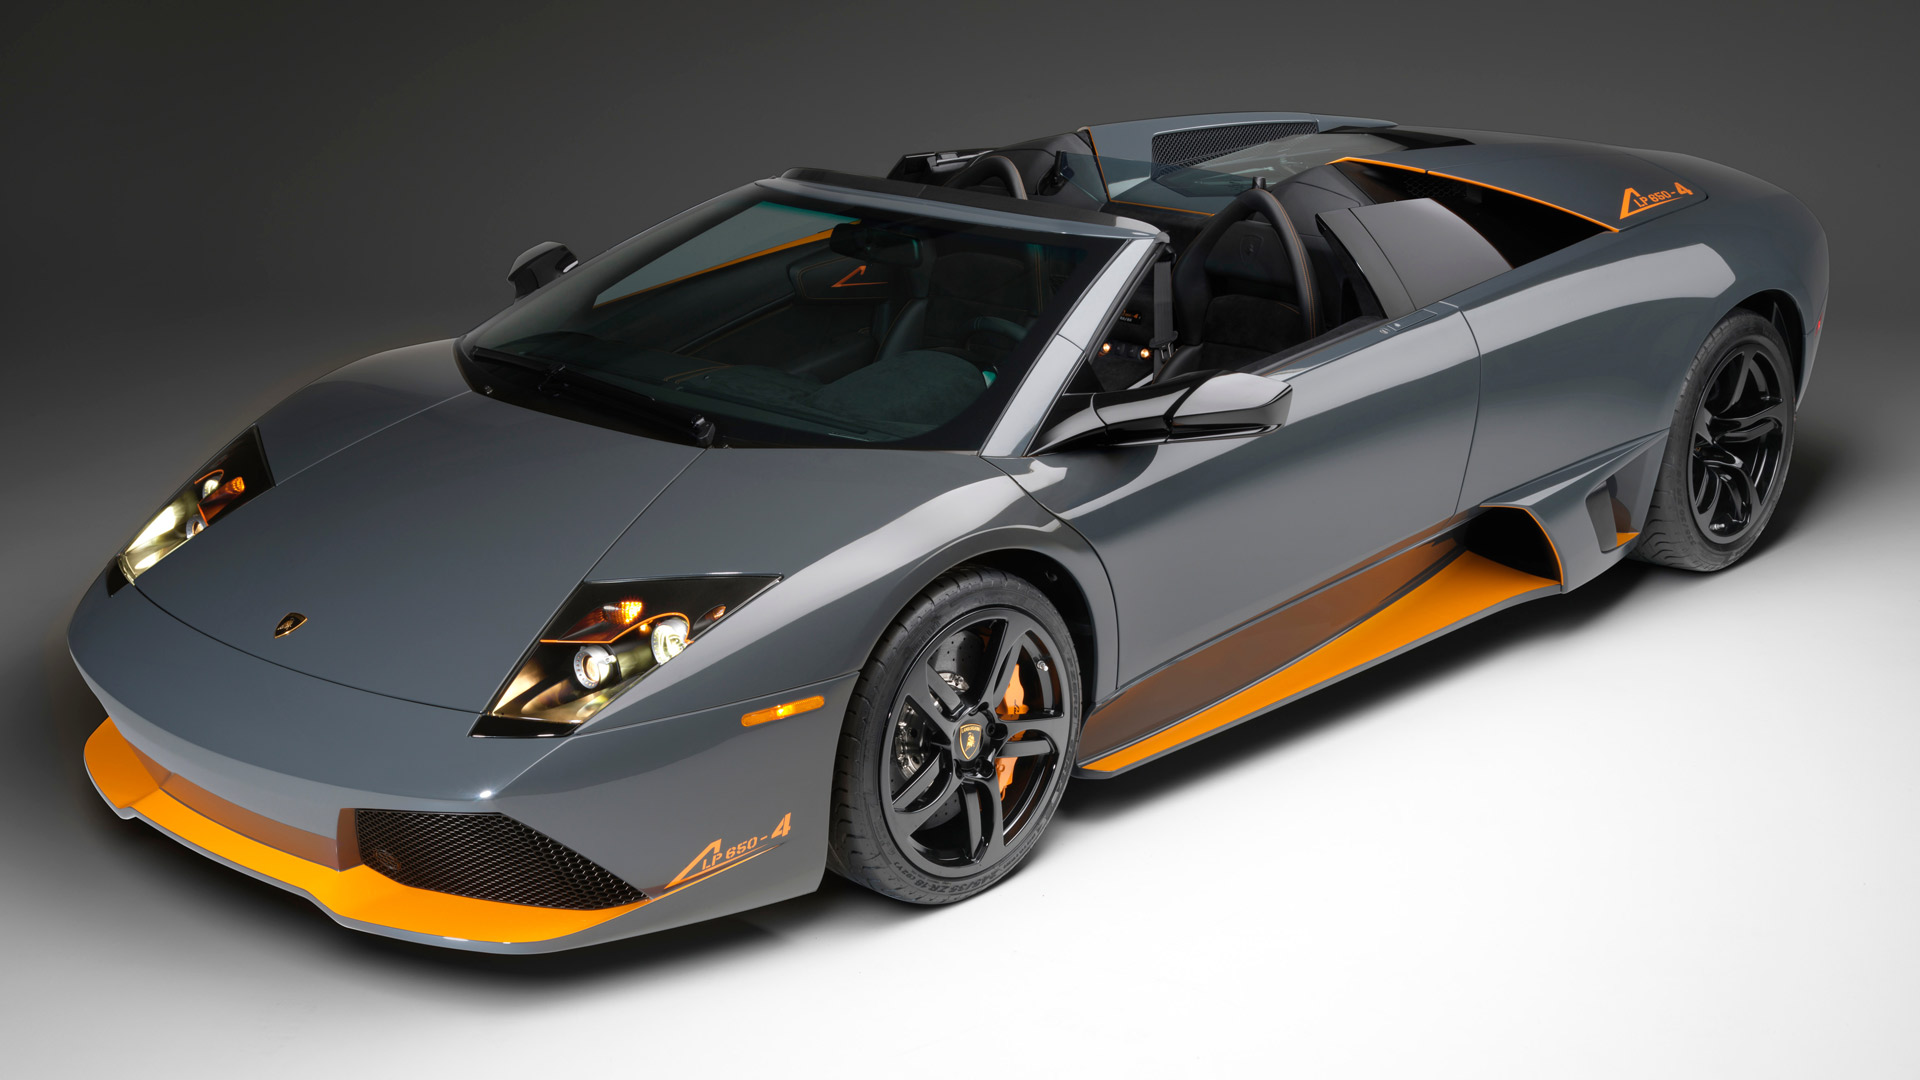 Amazing Lamborghini Murcielago LP Pictures & Backgrounds